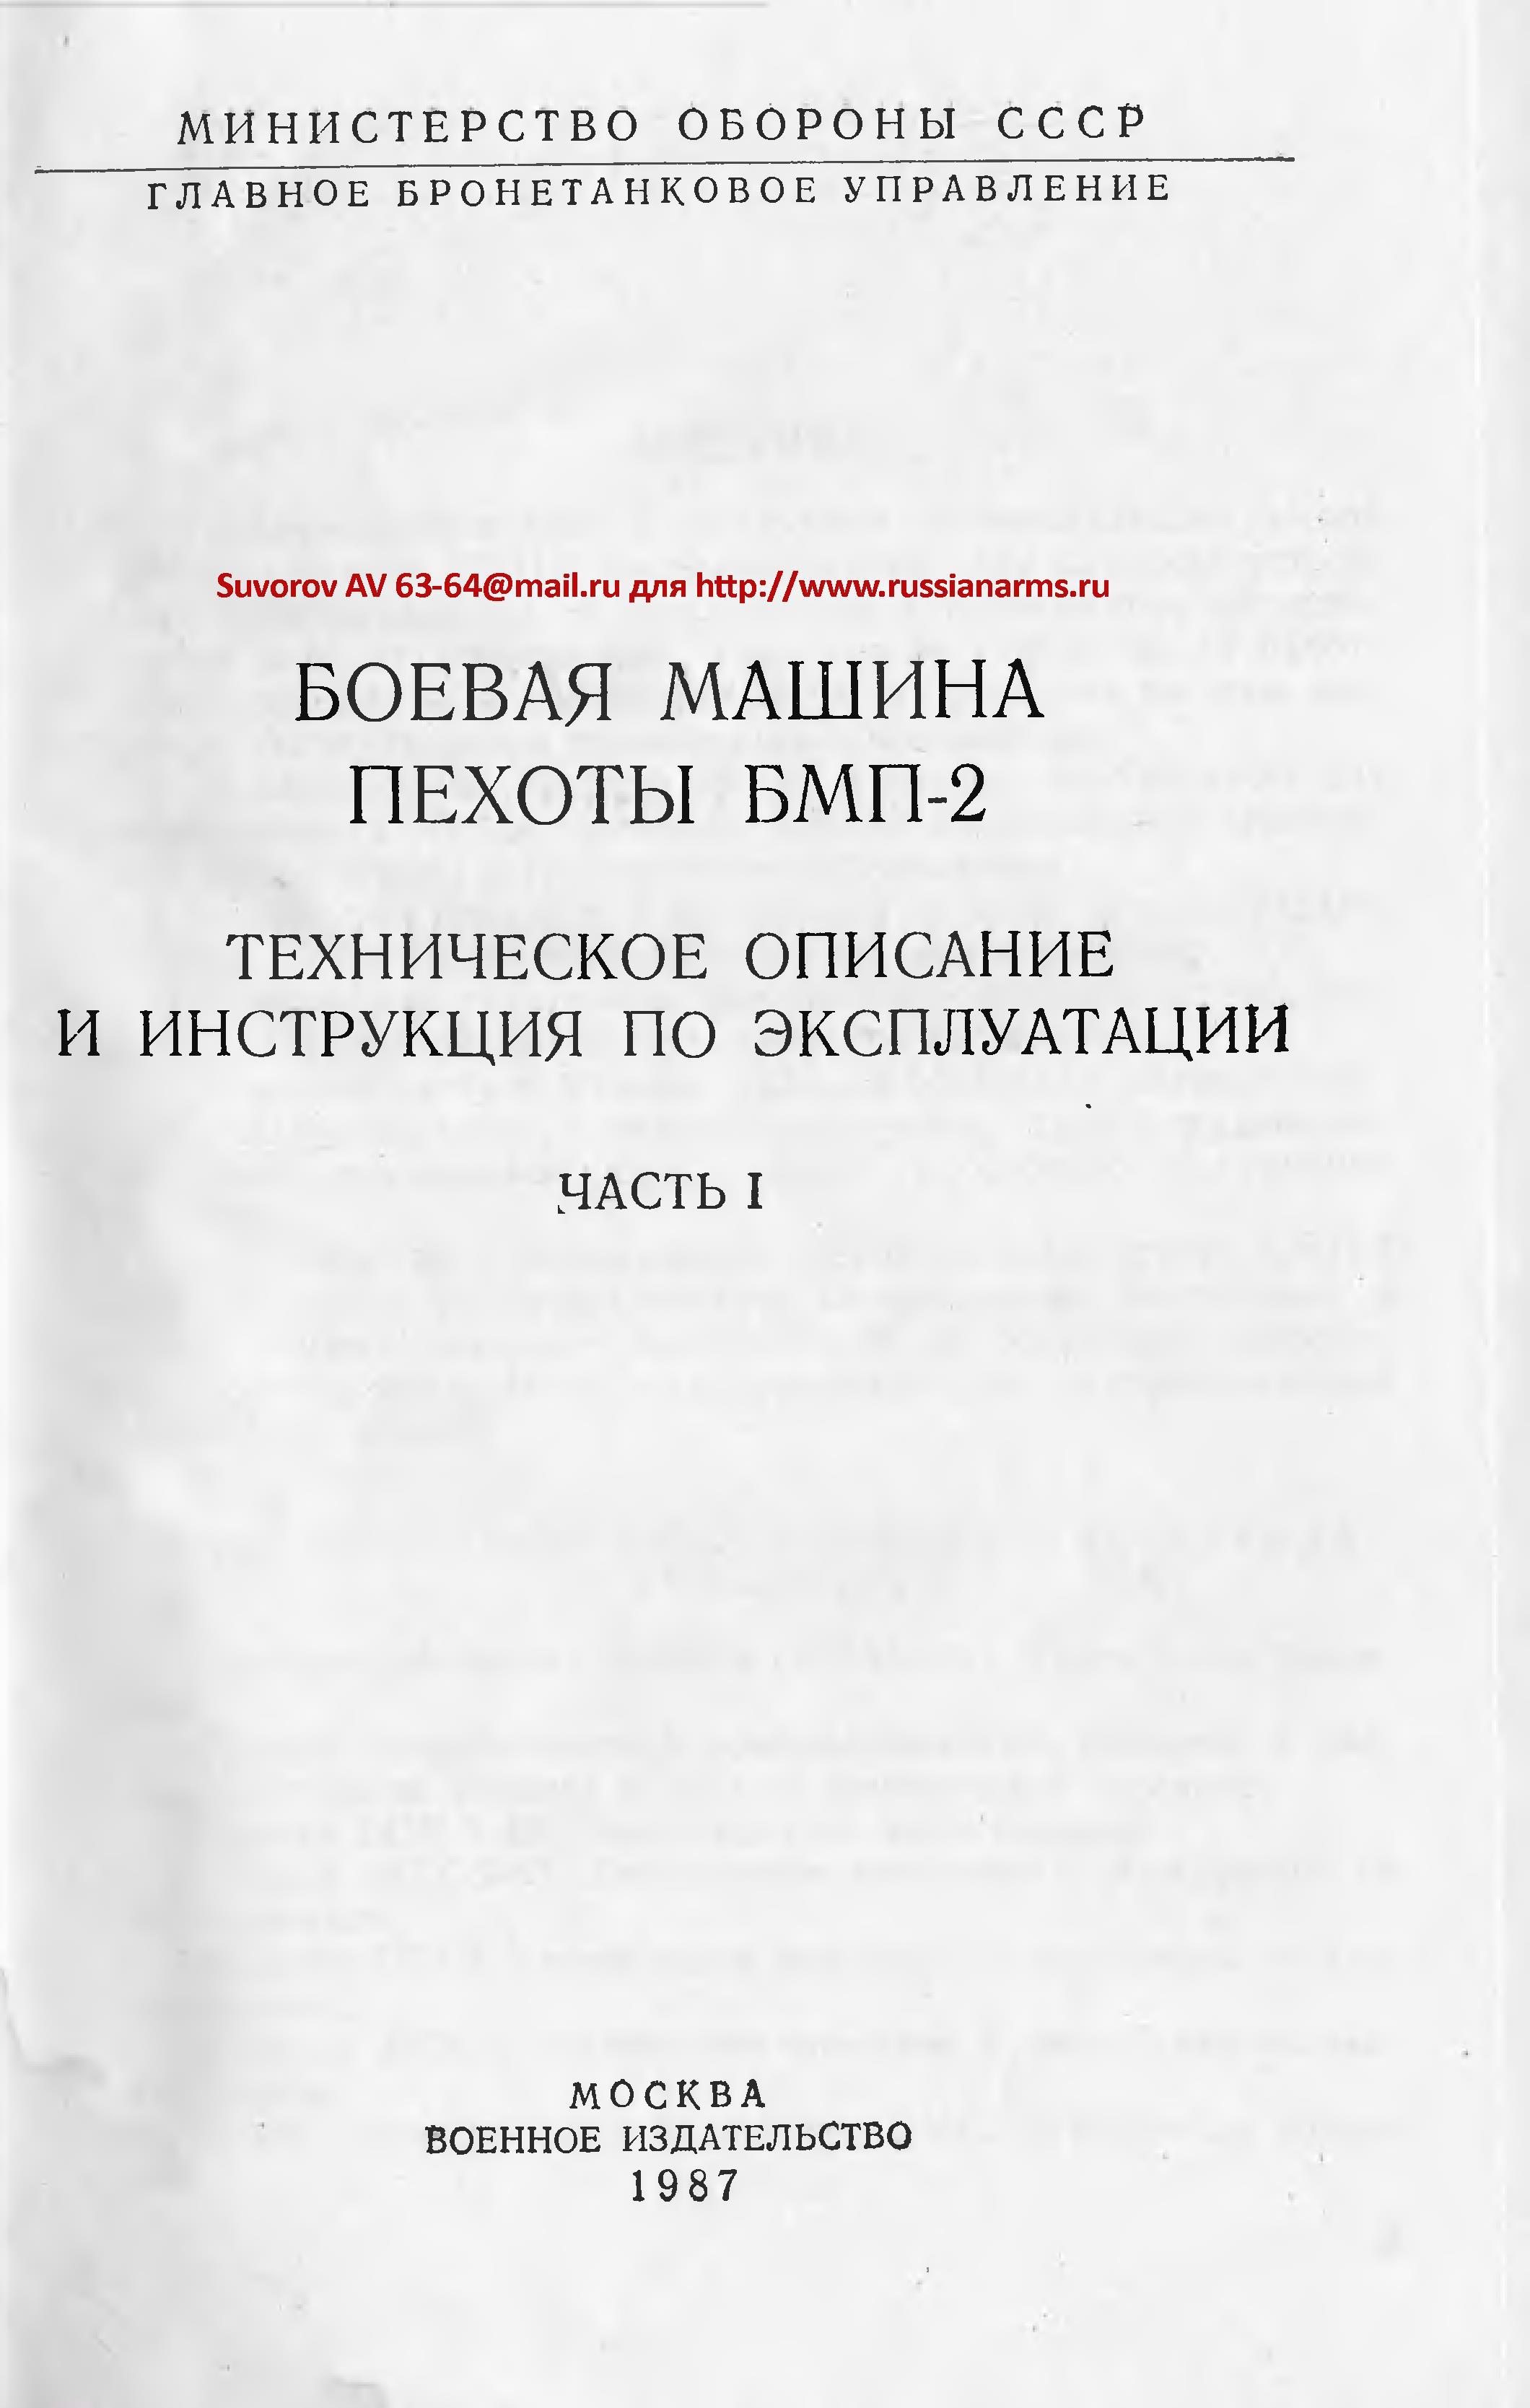 Техническое описание и инструкция по эксплуатации. Боевая машина.